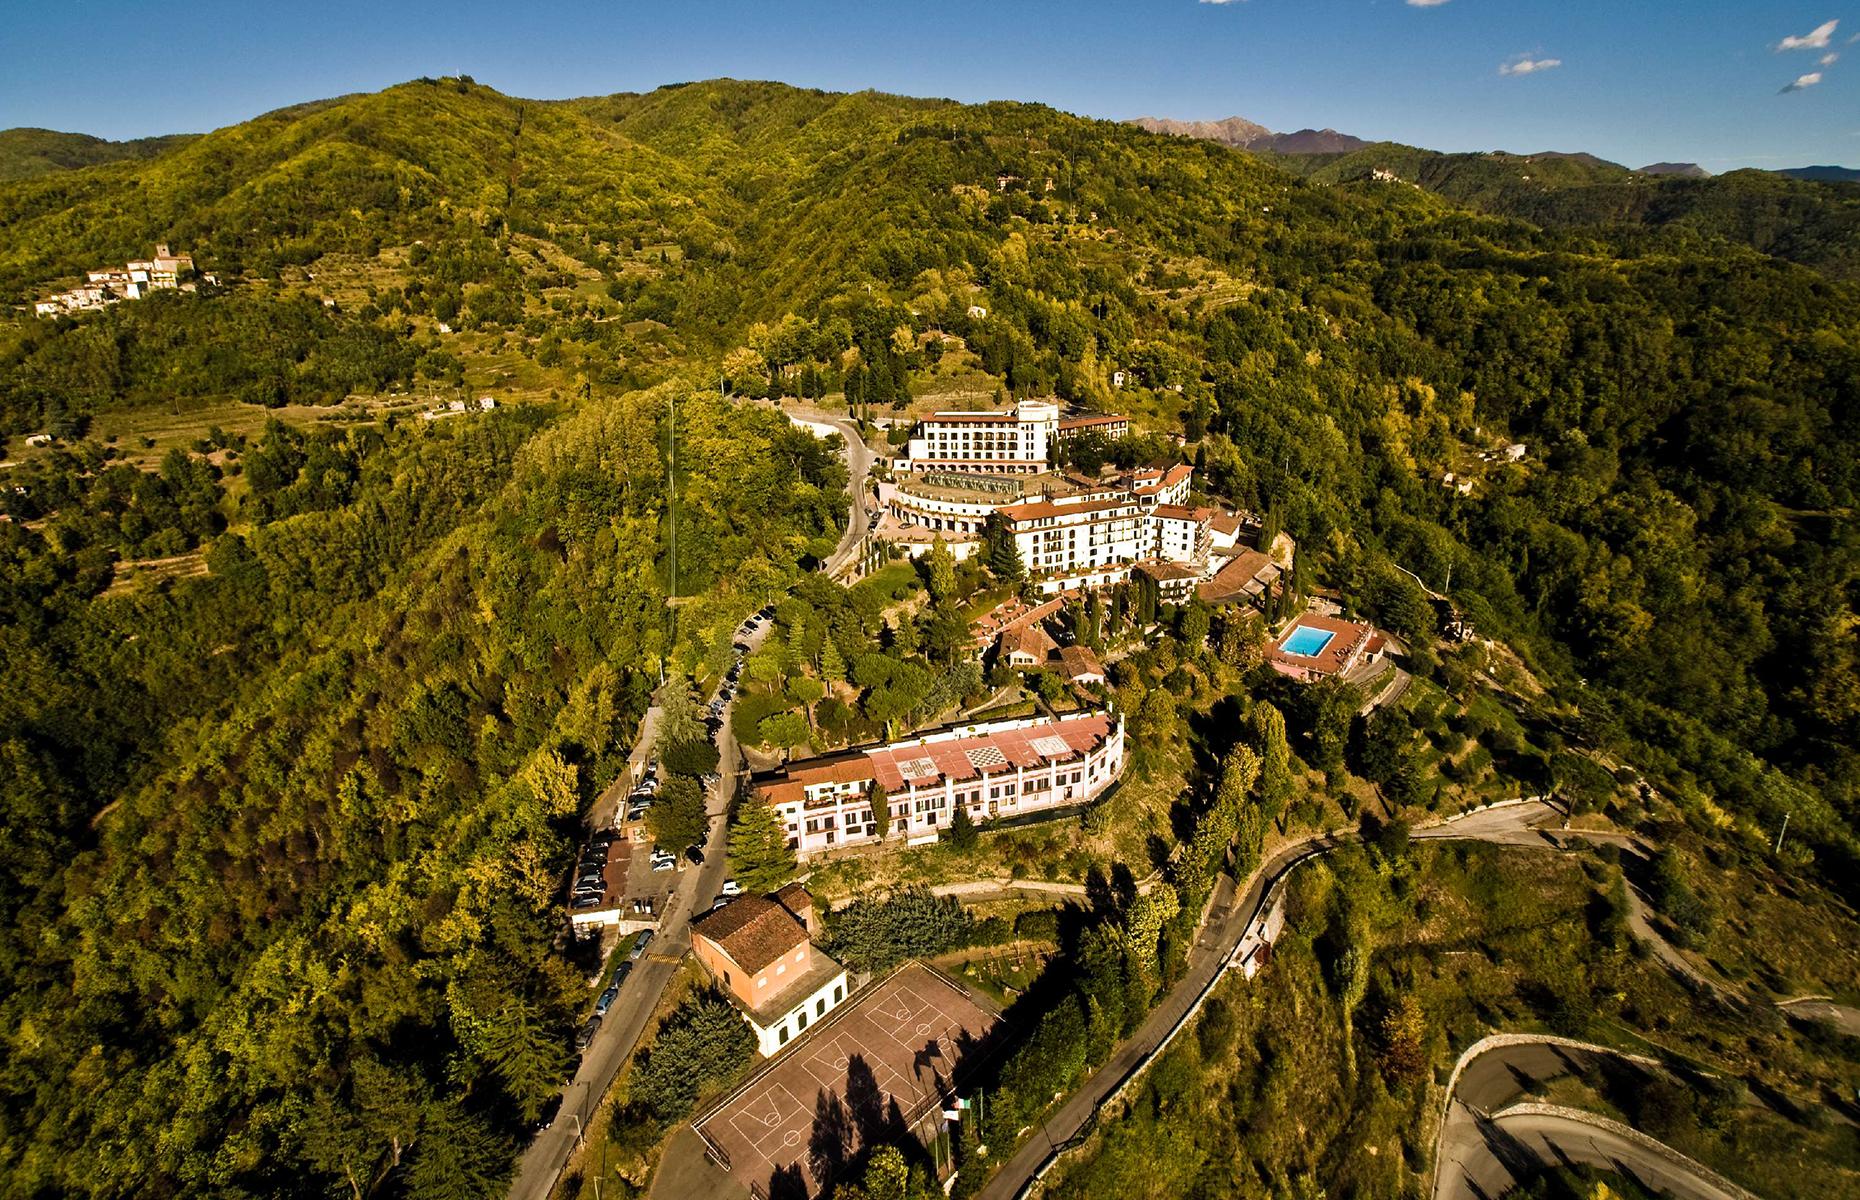 Renaiisance Tuscany